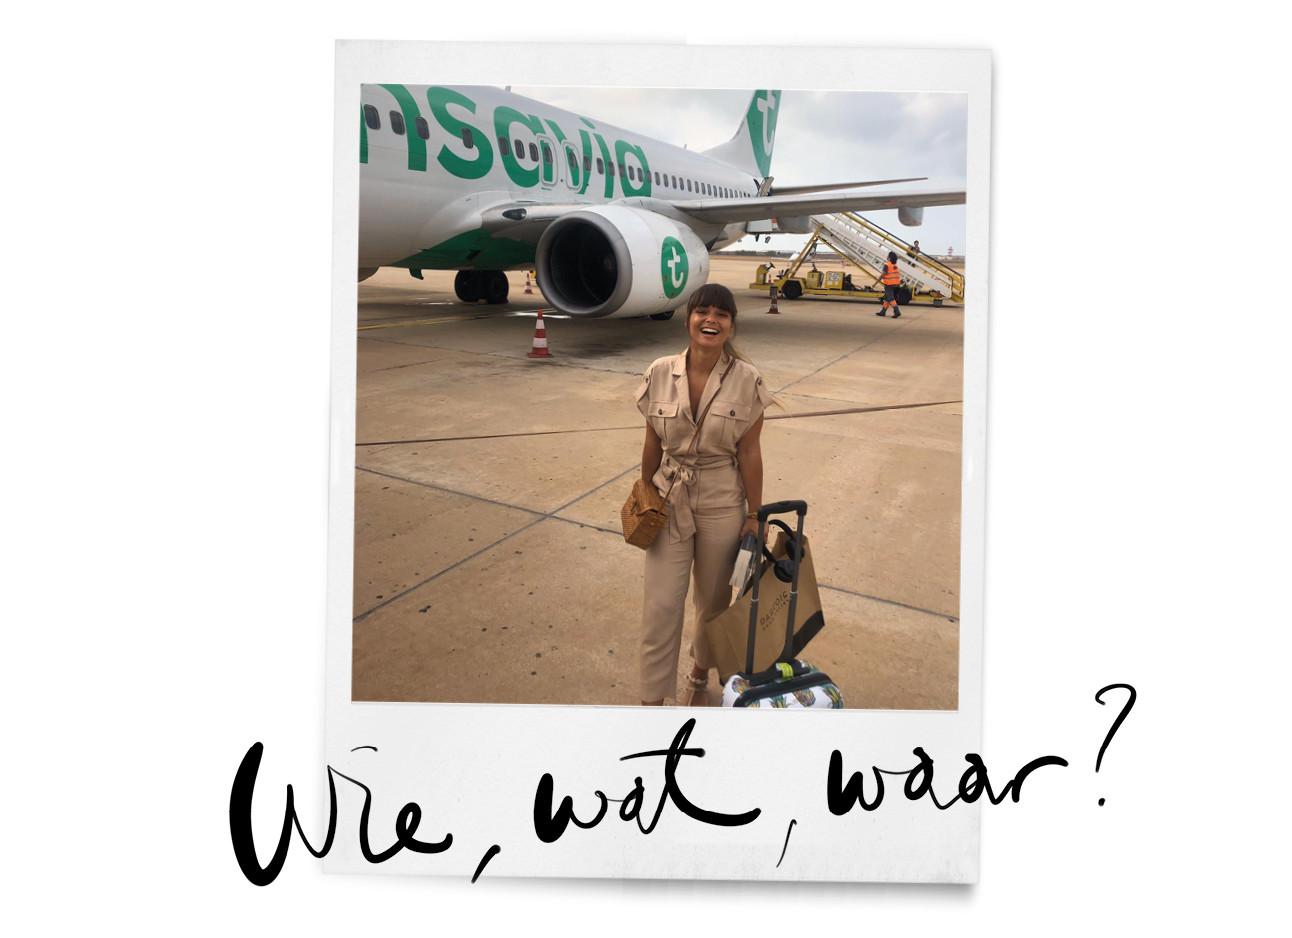 kiki die in een bruin jumpsuit voor een transavia vliegtuig staat